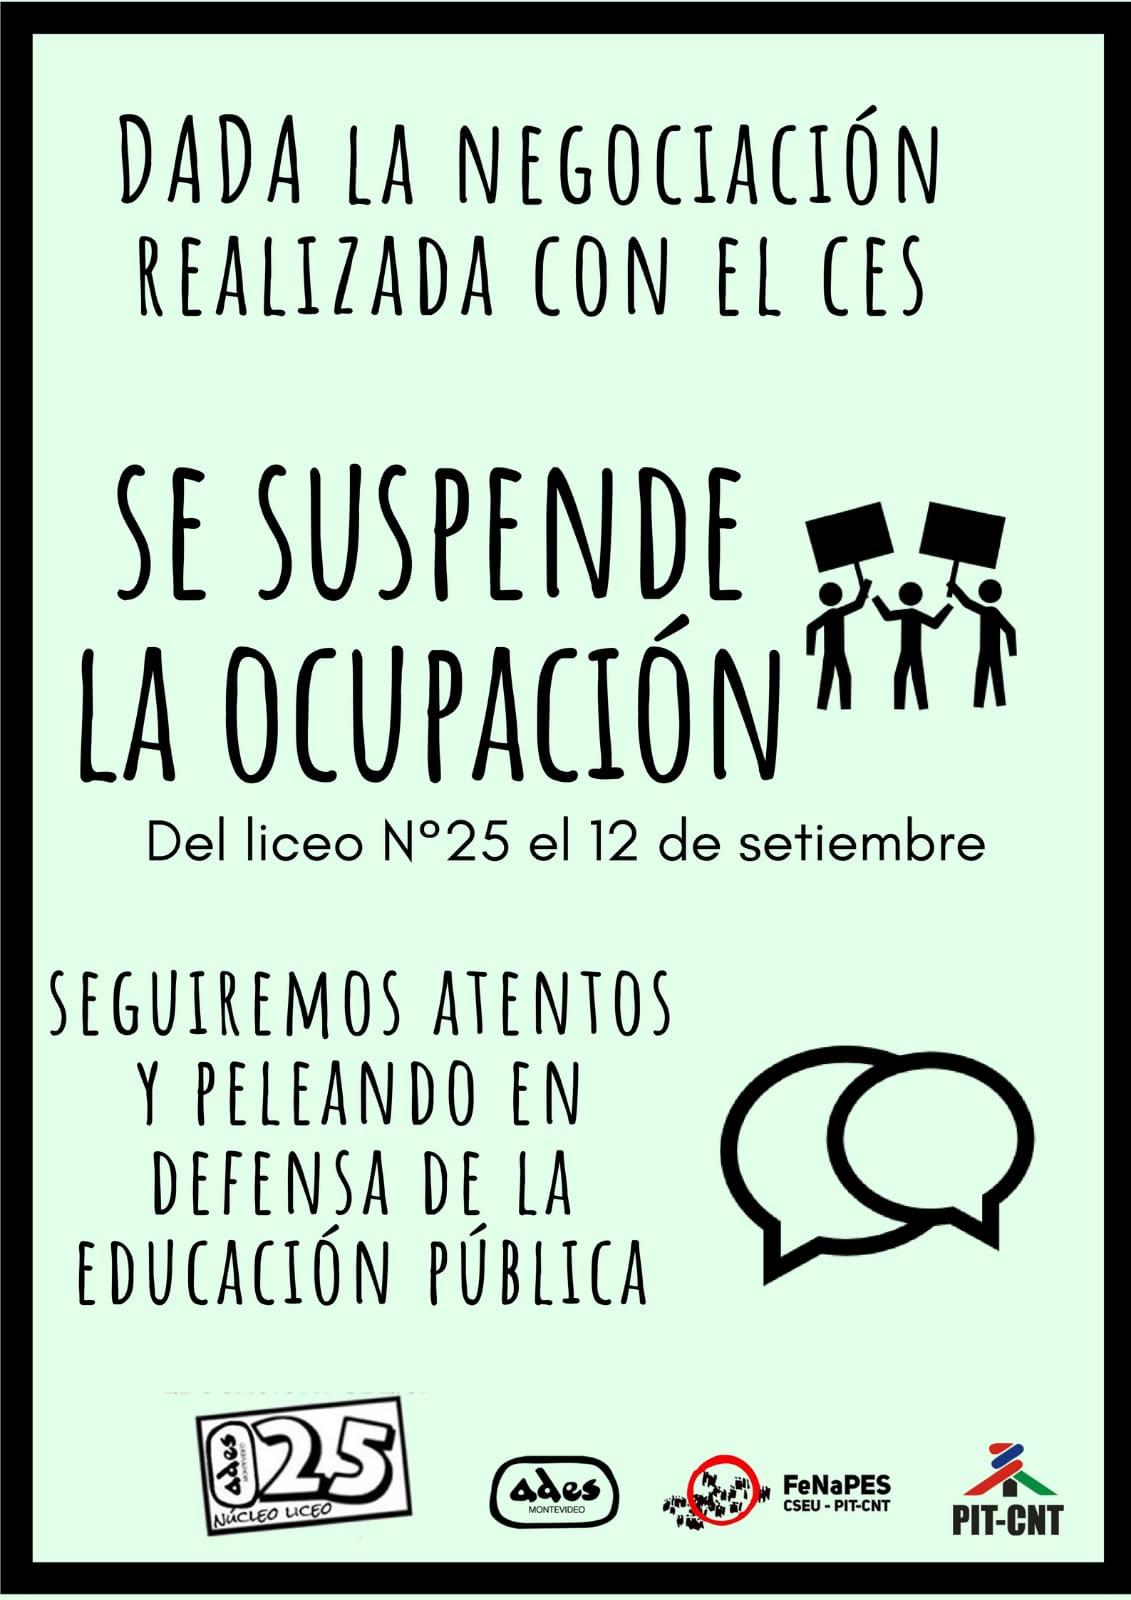 Dada la negociación realizada con el CES, se suspende la ocupación del Liceo N° 25